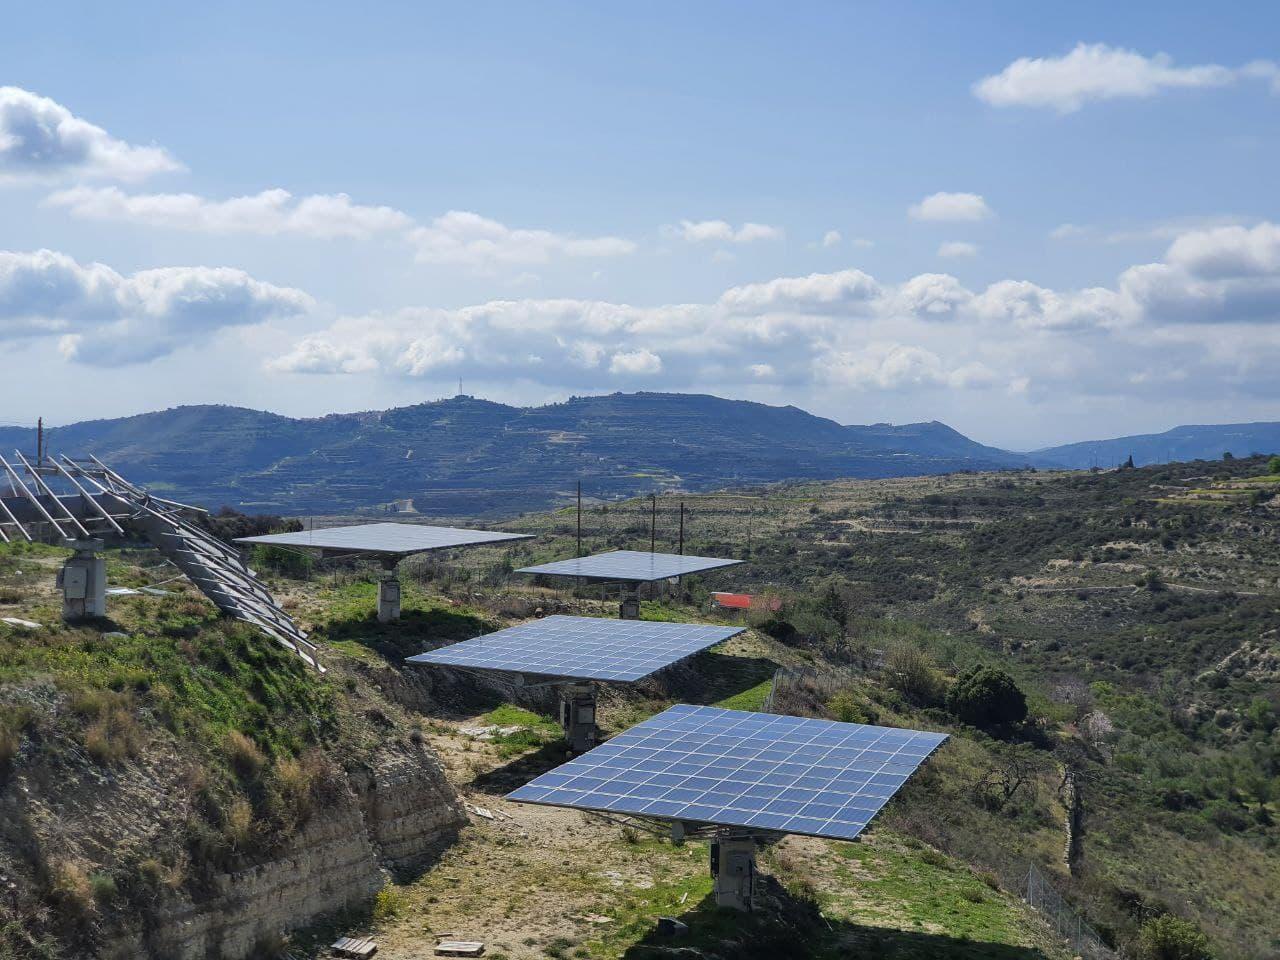 Департамент охраны окружающей среды одобрил строительство нового фотоэлектрического парка на Кипре